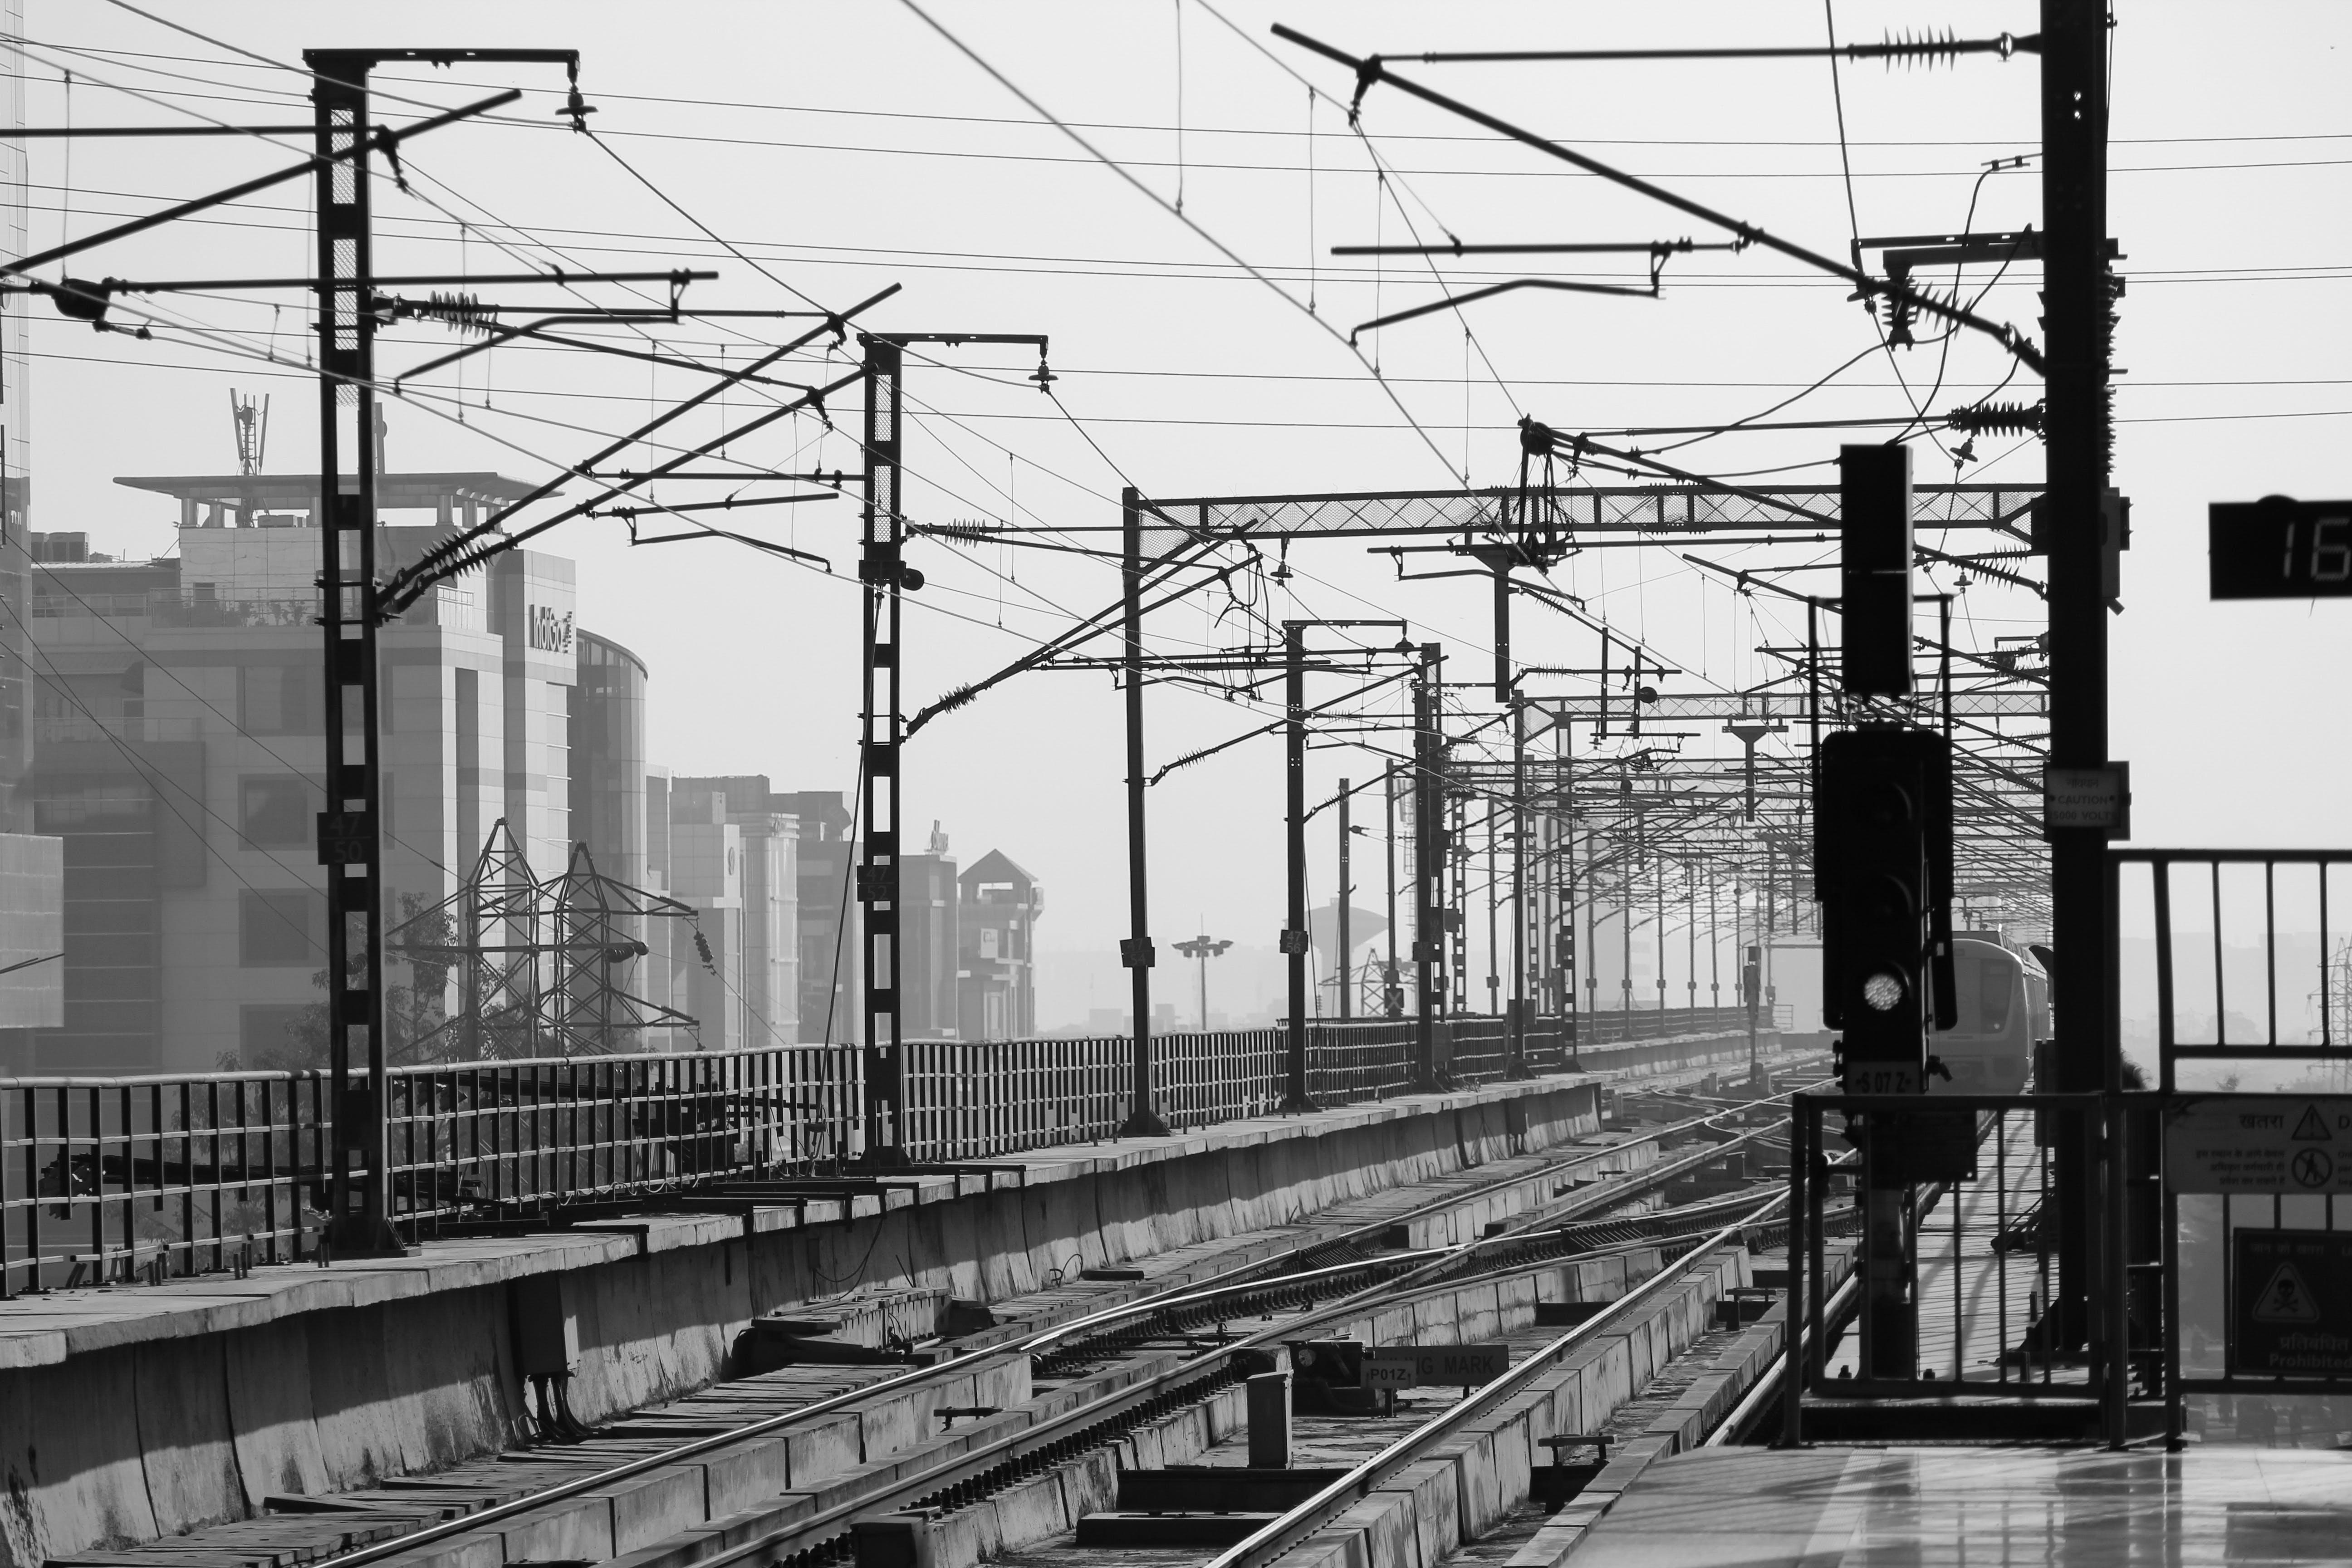 ασπρόμαυρο, ατσάλι, γραμμές τρένου